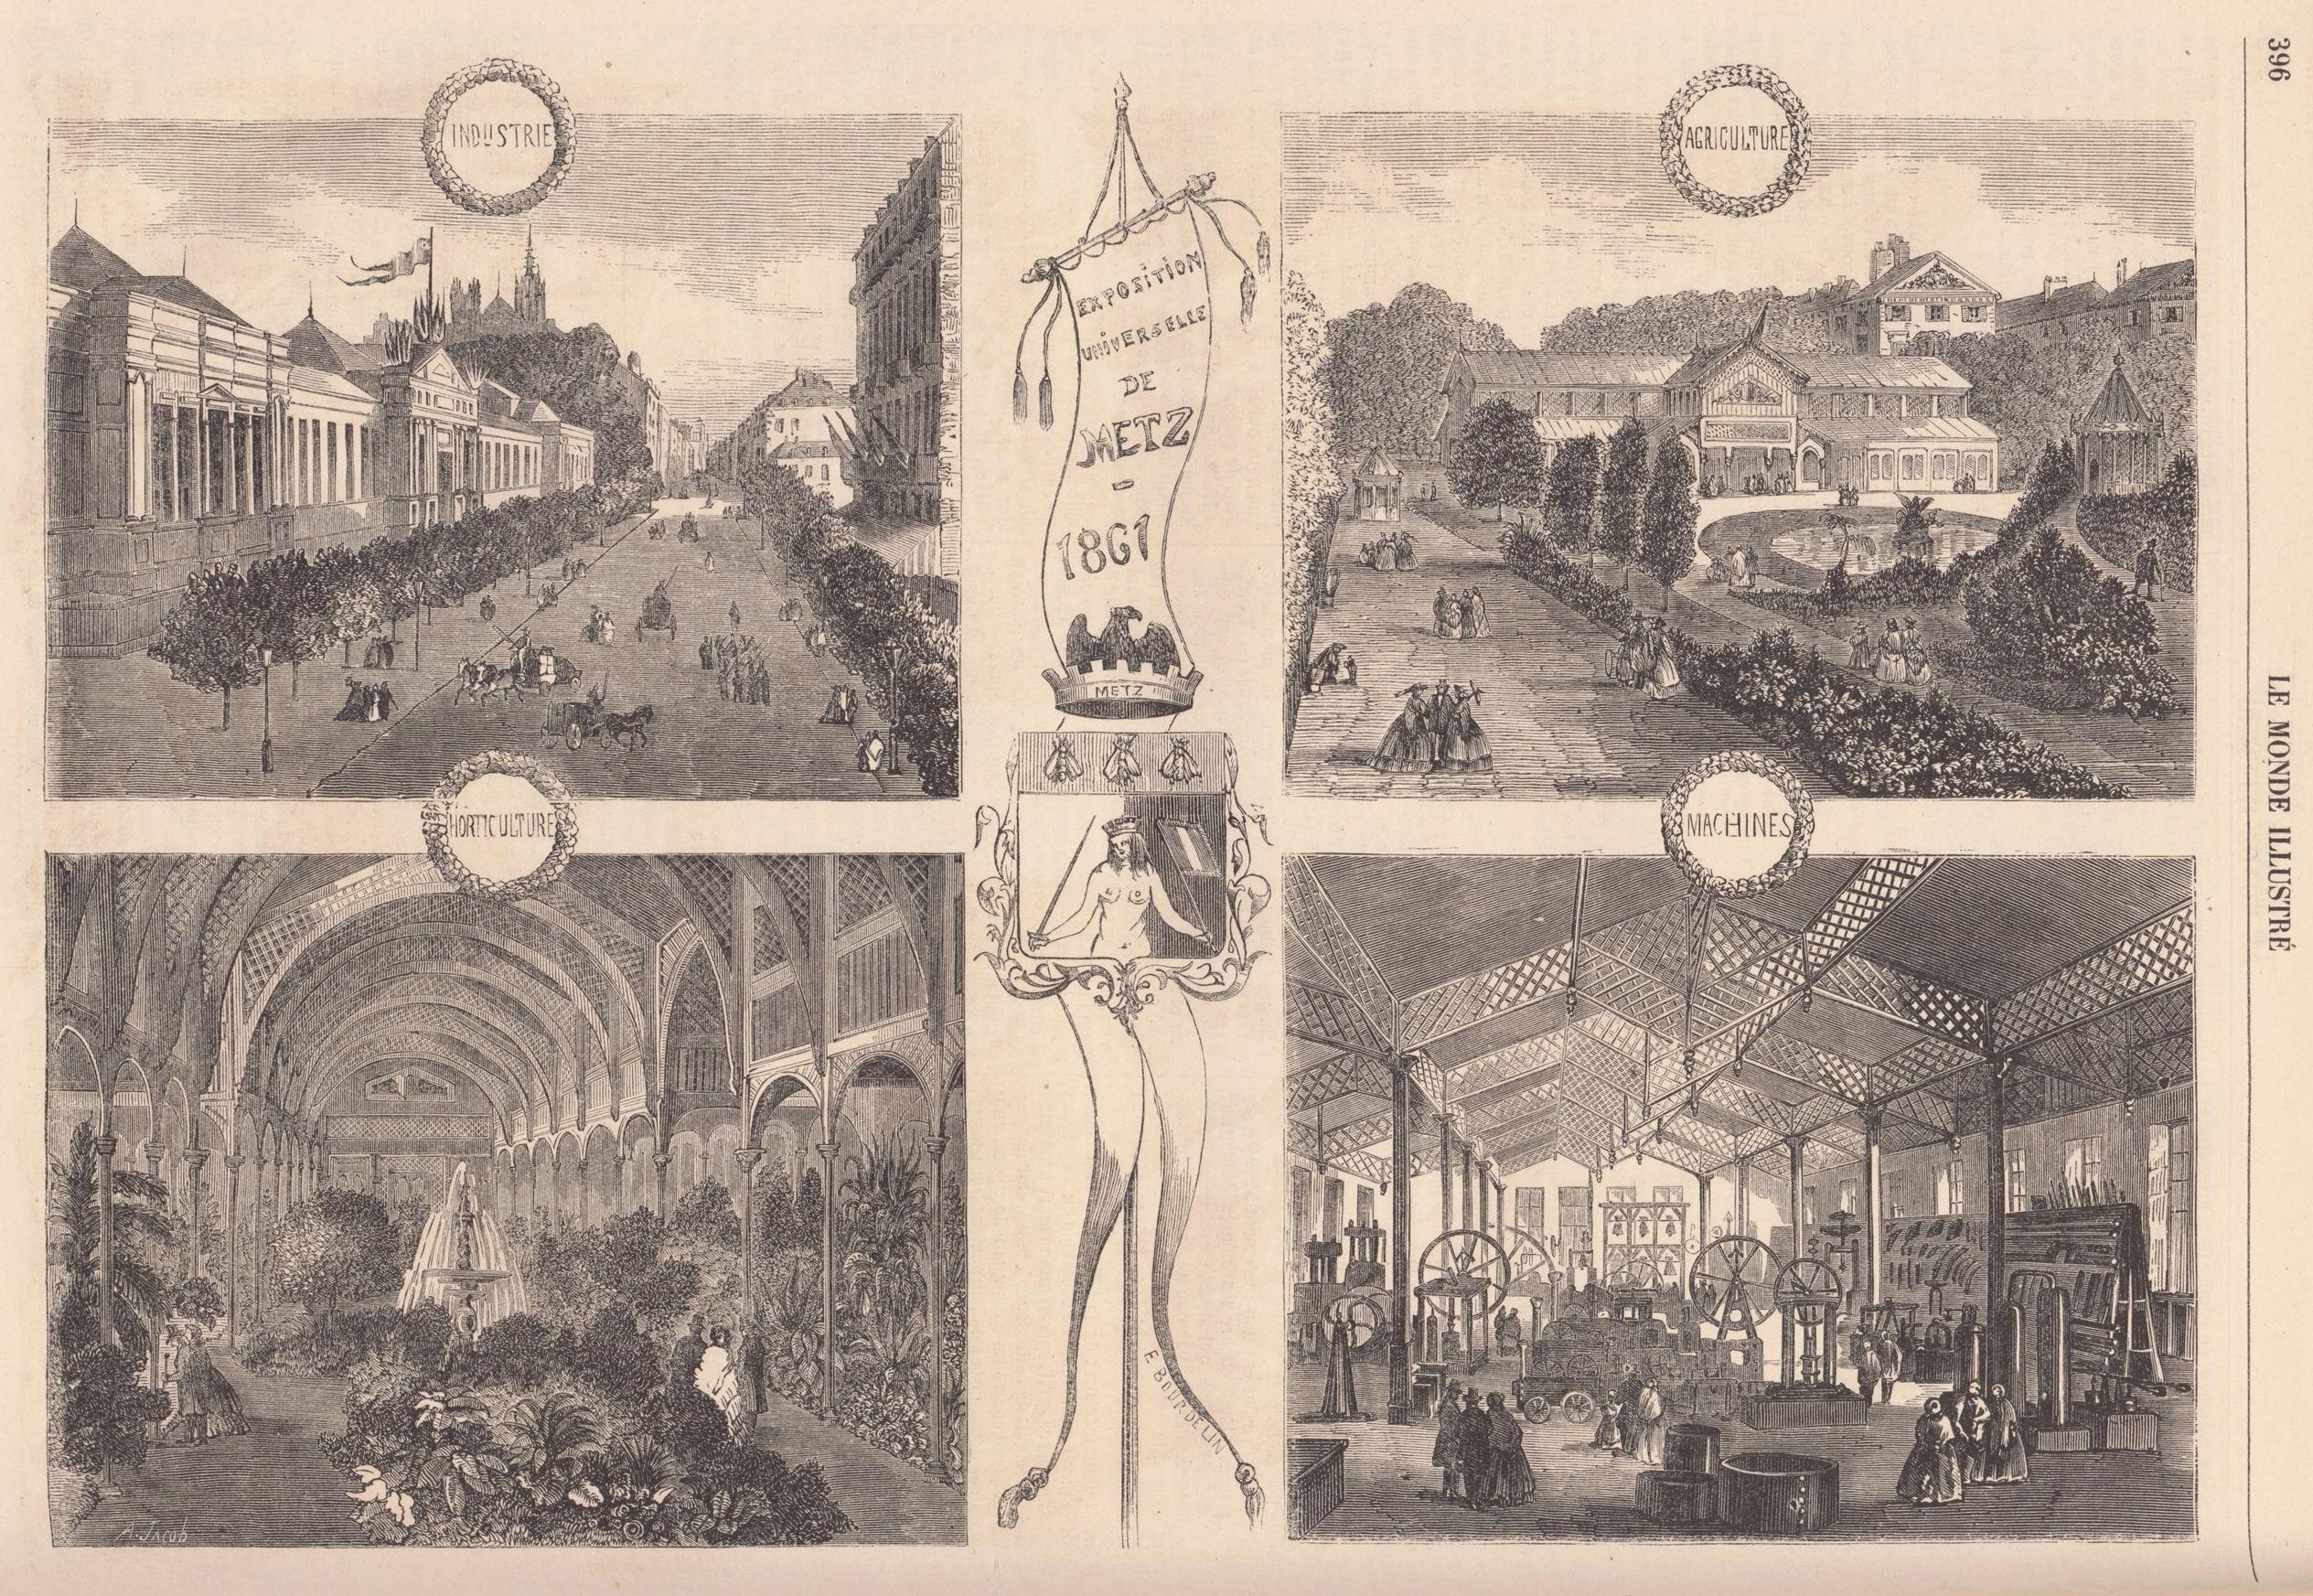 Contenu du Gravures sur l'Exposition universelle de Metz, extraites du Monde illustré du 22 juin 1861 (source : Gallica).